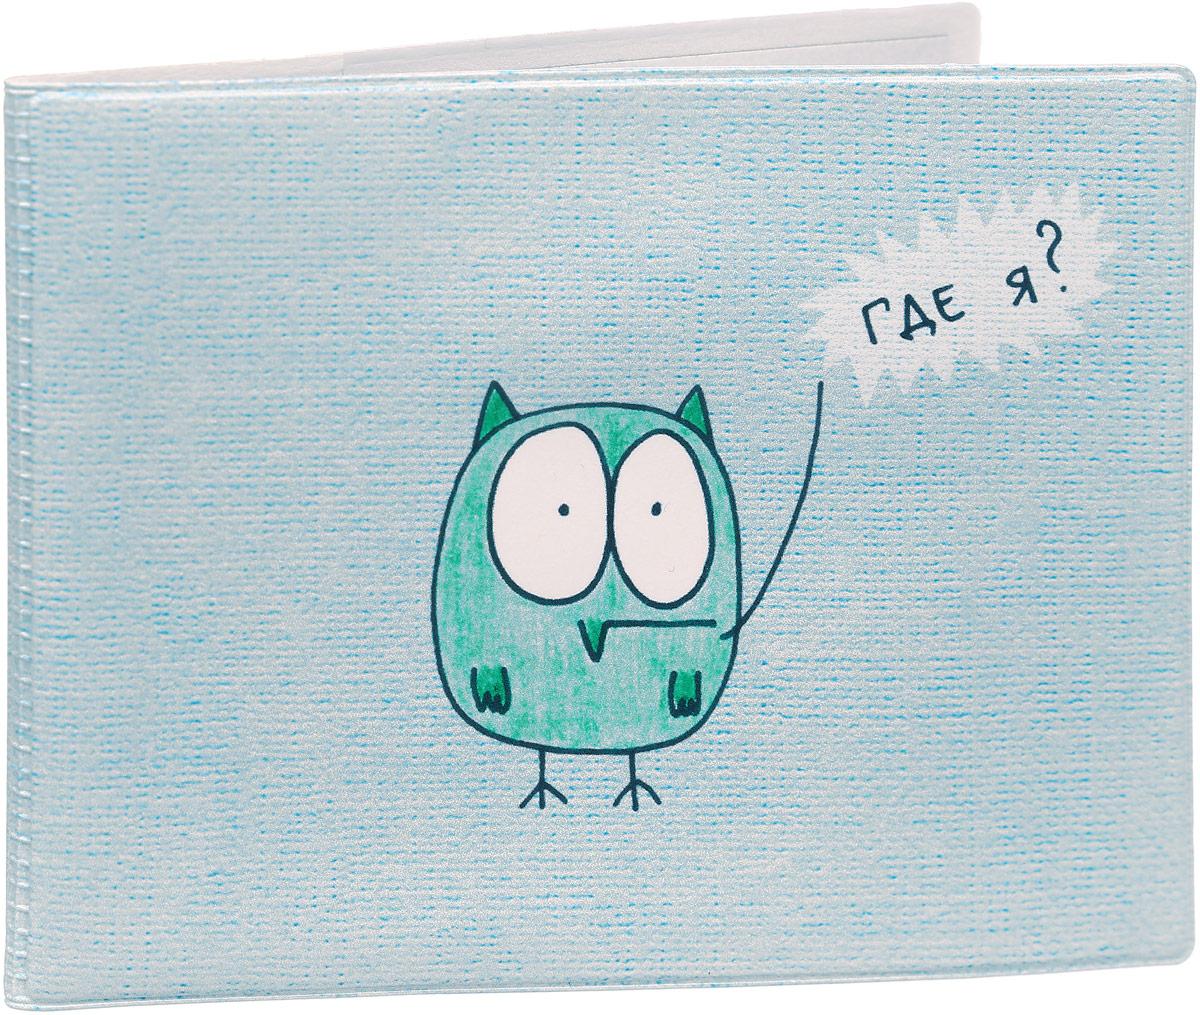 Обложка для студенческого билета Kawaii Factory Где я?, цвет: голубой. KW067-000060AQYHA03387-KRP0Обложка для студенческого билета Kawaii Factory Где я? выполнена из легкого и прочного ПВХ, который надежно защищает важные документы от пыли и влаги. Рисунок нанесён специальным образом и защищён от стирания. Изделие раскладывается пополам. Внутри размещены два накладных прозрачных кармашка.